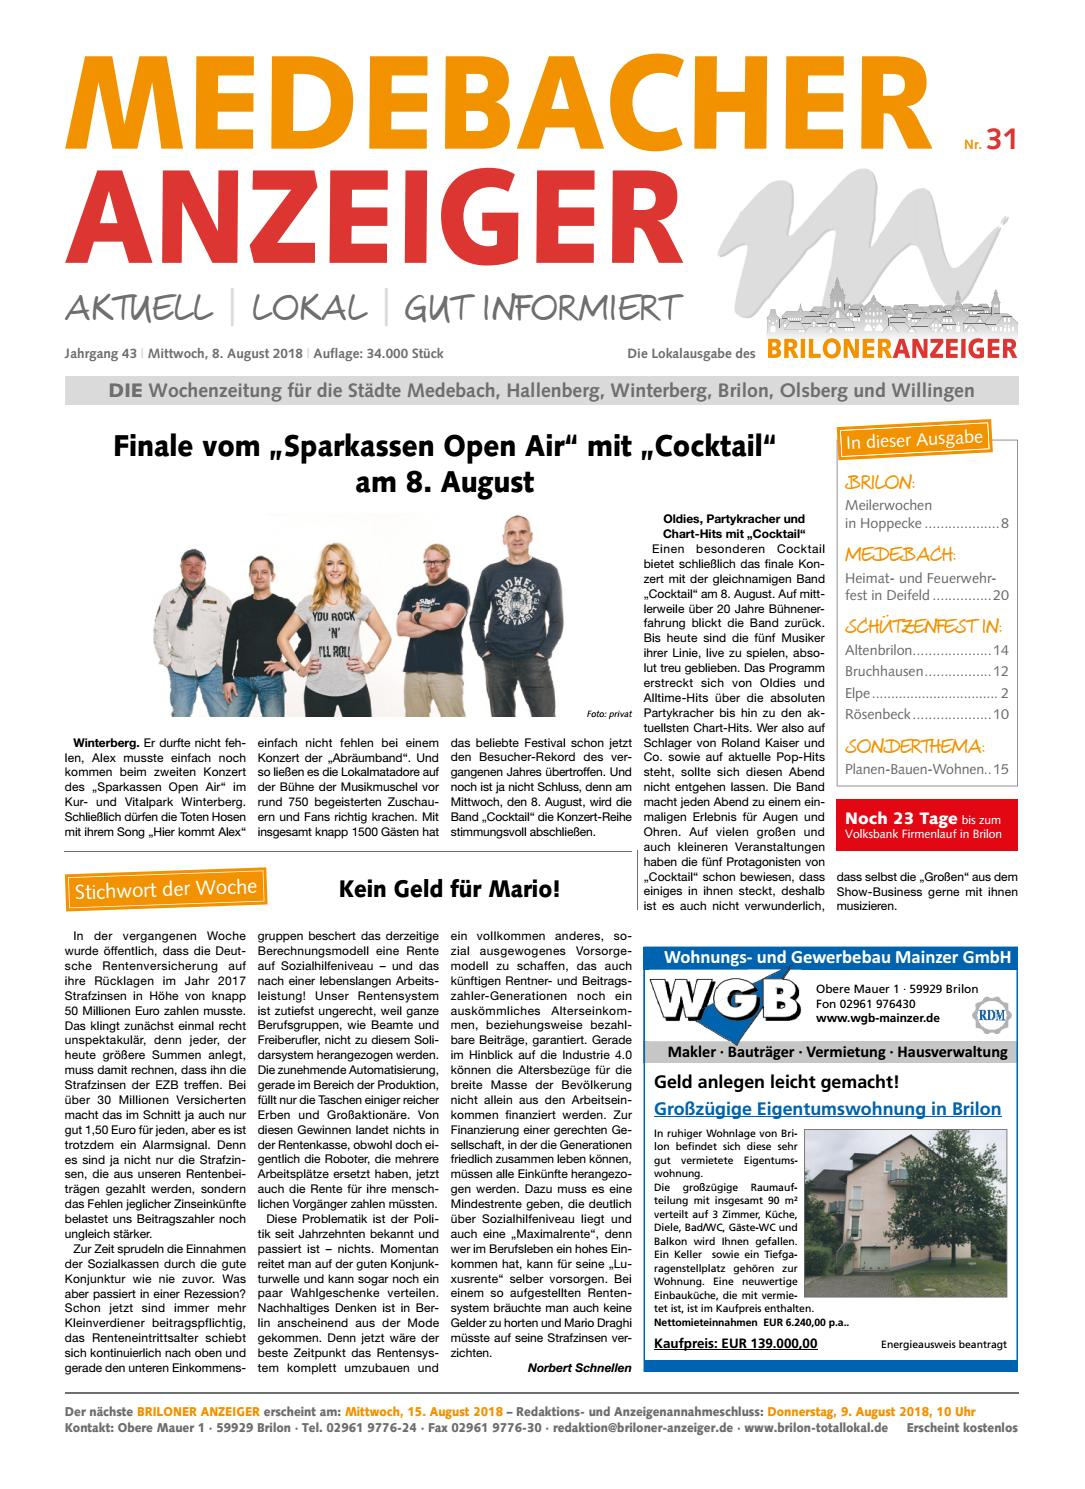 Medebacher Anzeiger, Ausgabe vom 08.08.2018 Nr.31 by Brilon-totallokal -  issuu